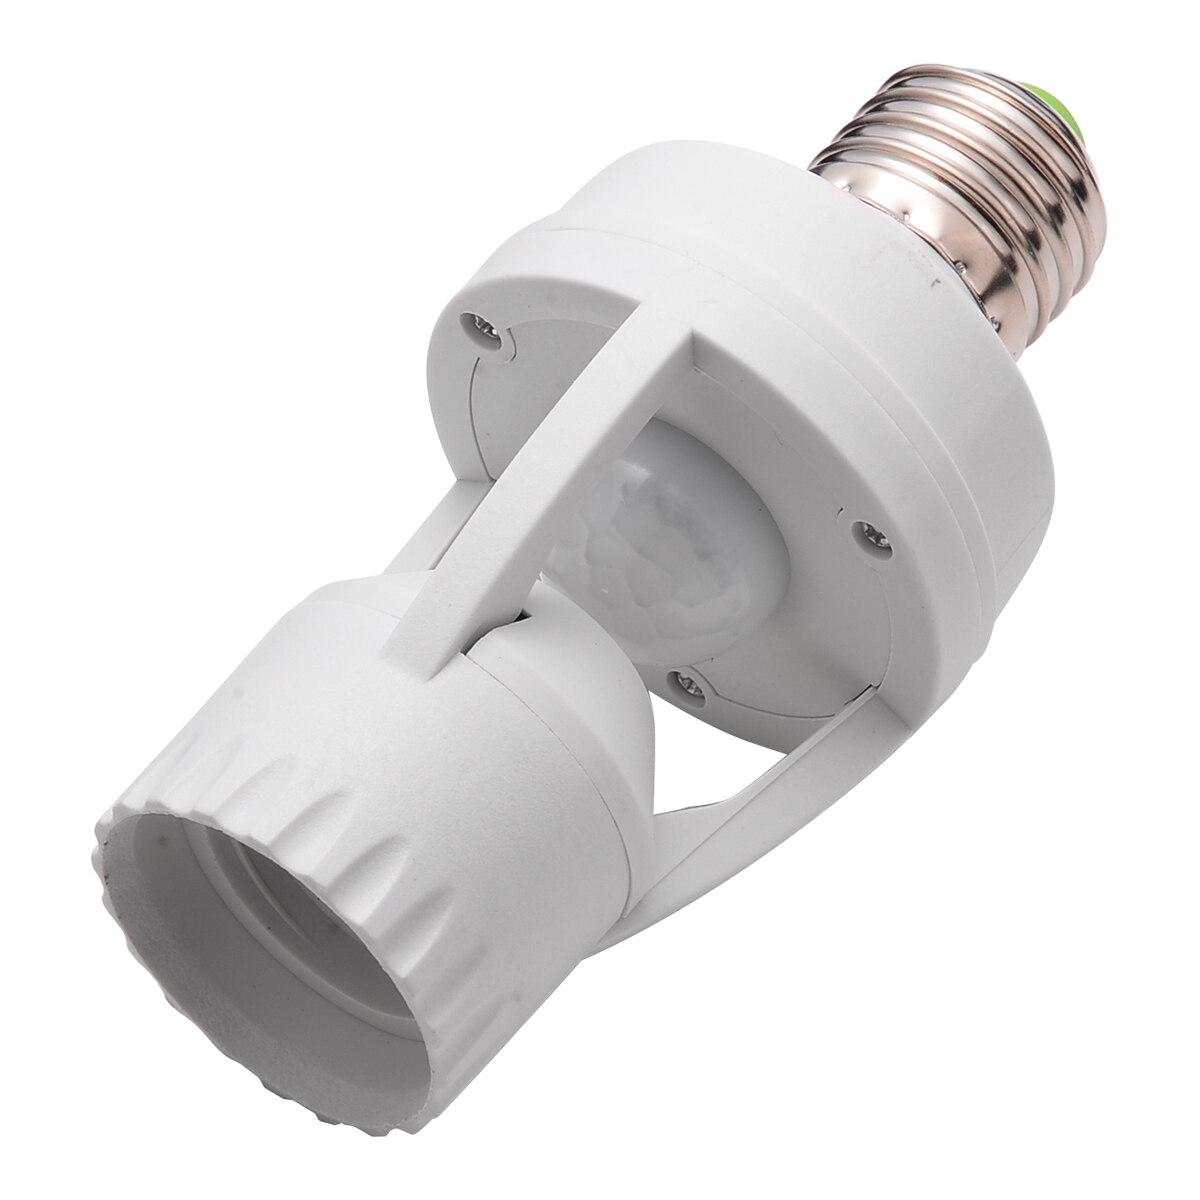 110/220V Infrared PIR Motion Sensor LED Light Lamp Bulb Holder Socket Switch Light Accessory